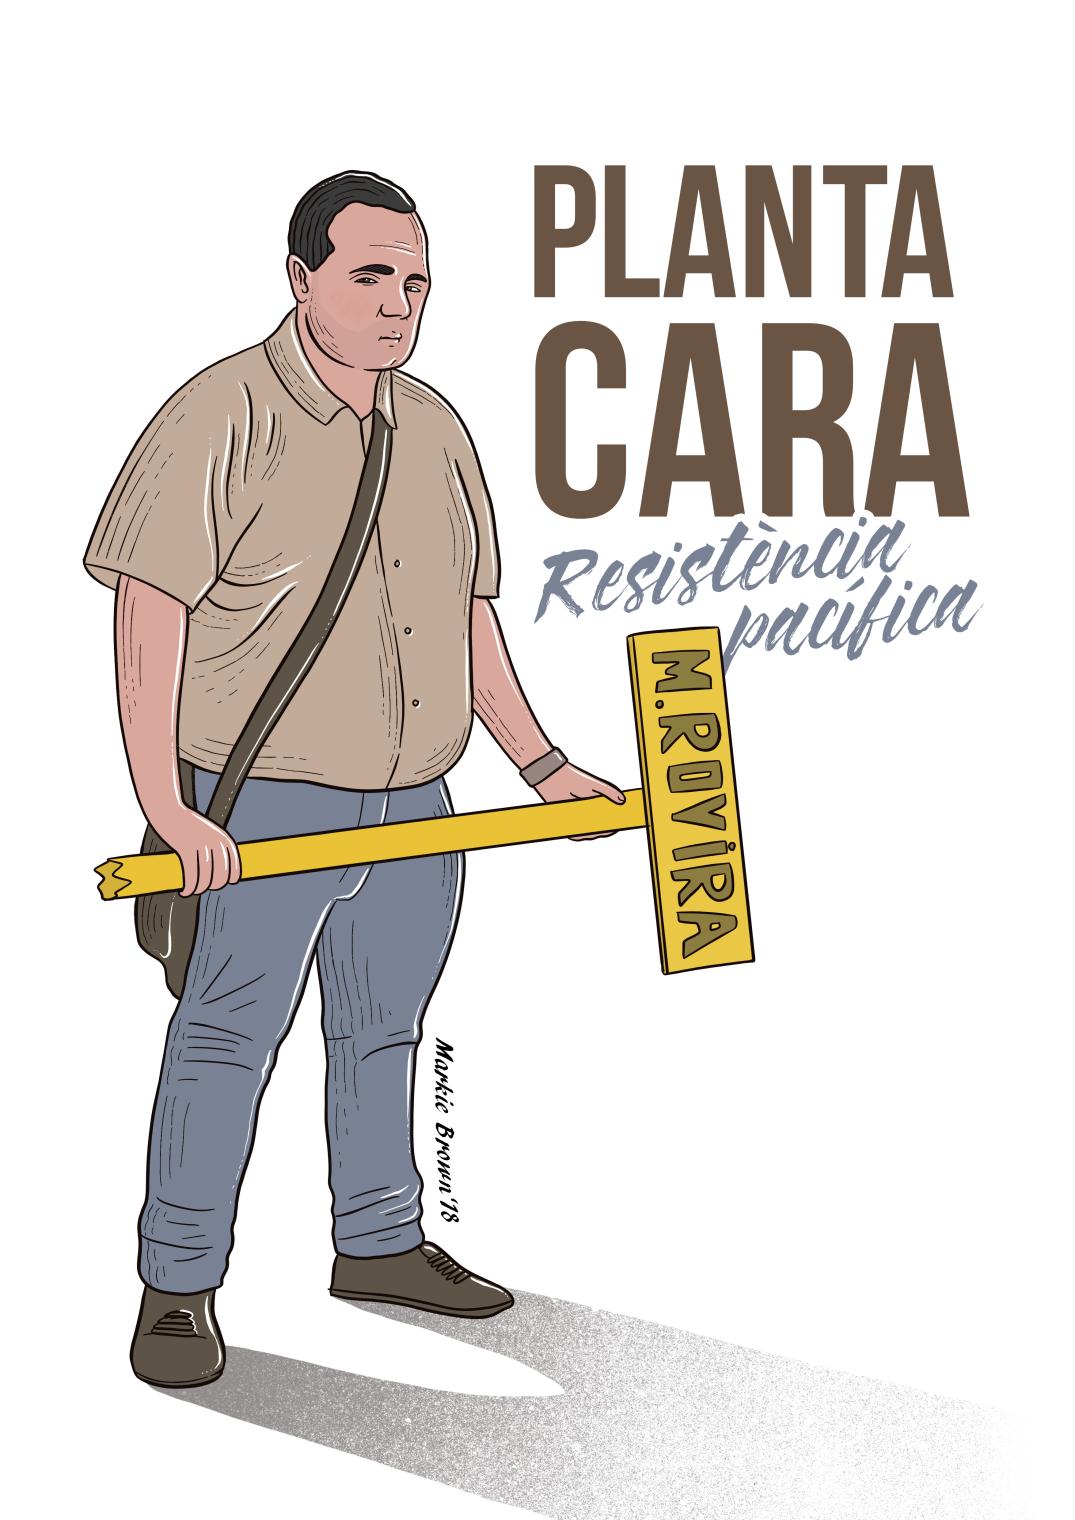 Planta_Cara